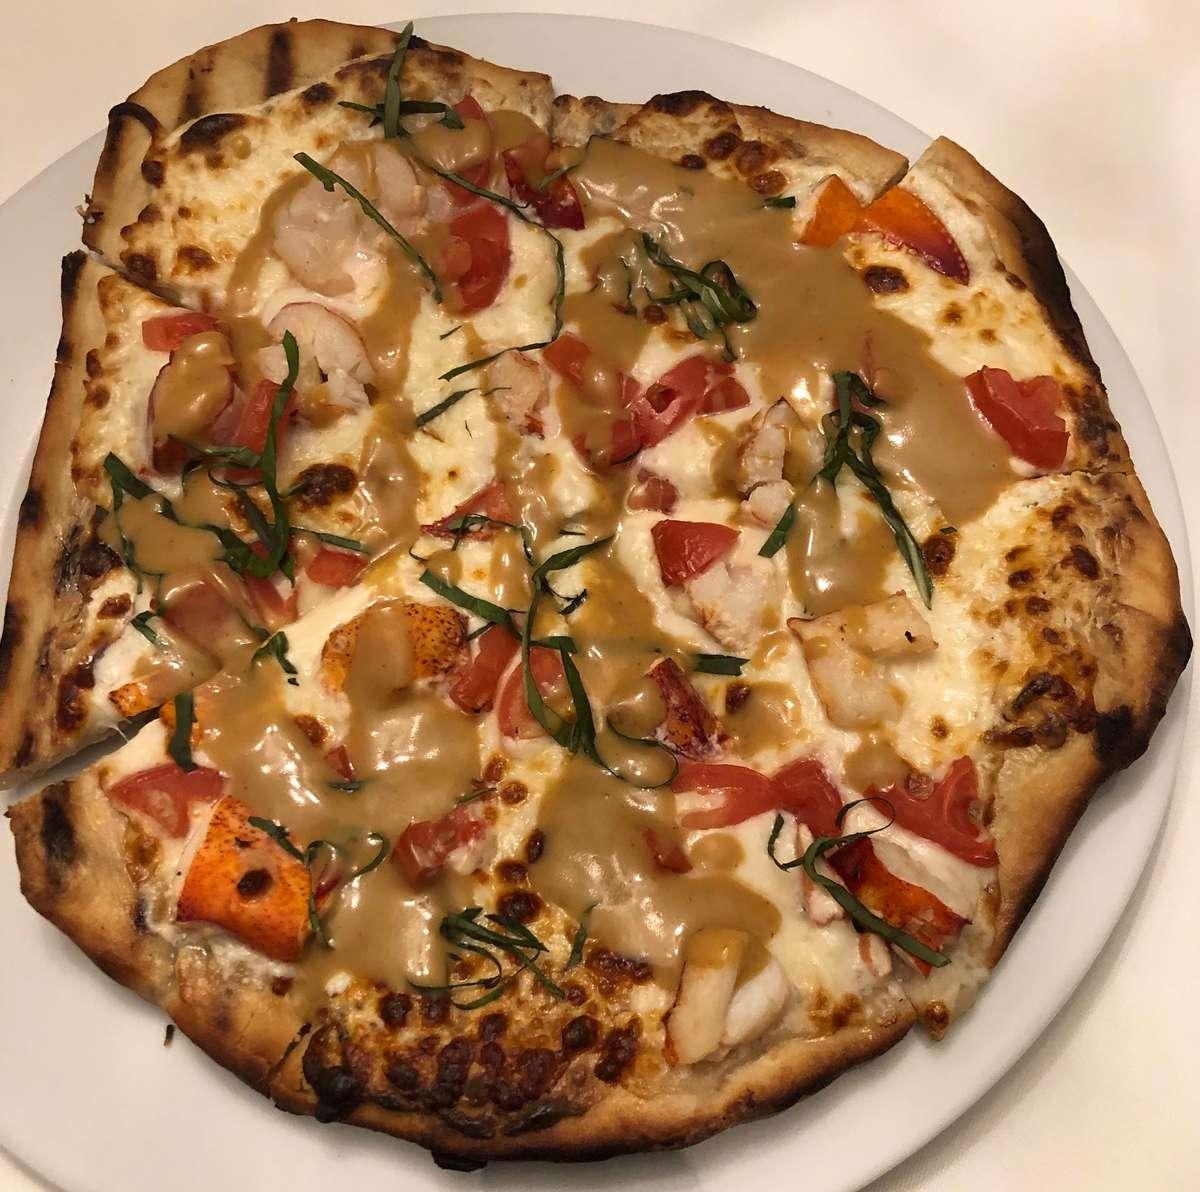 Lobster & Vine Ripe Tomato Pizza